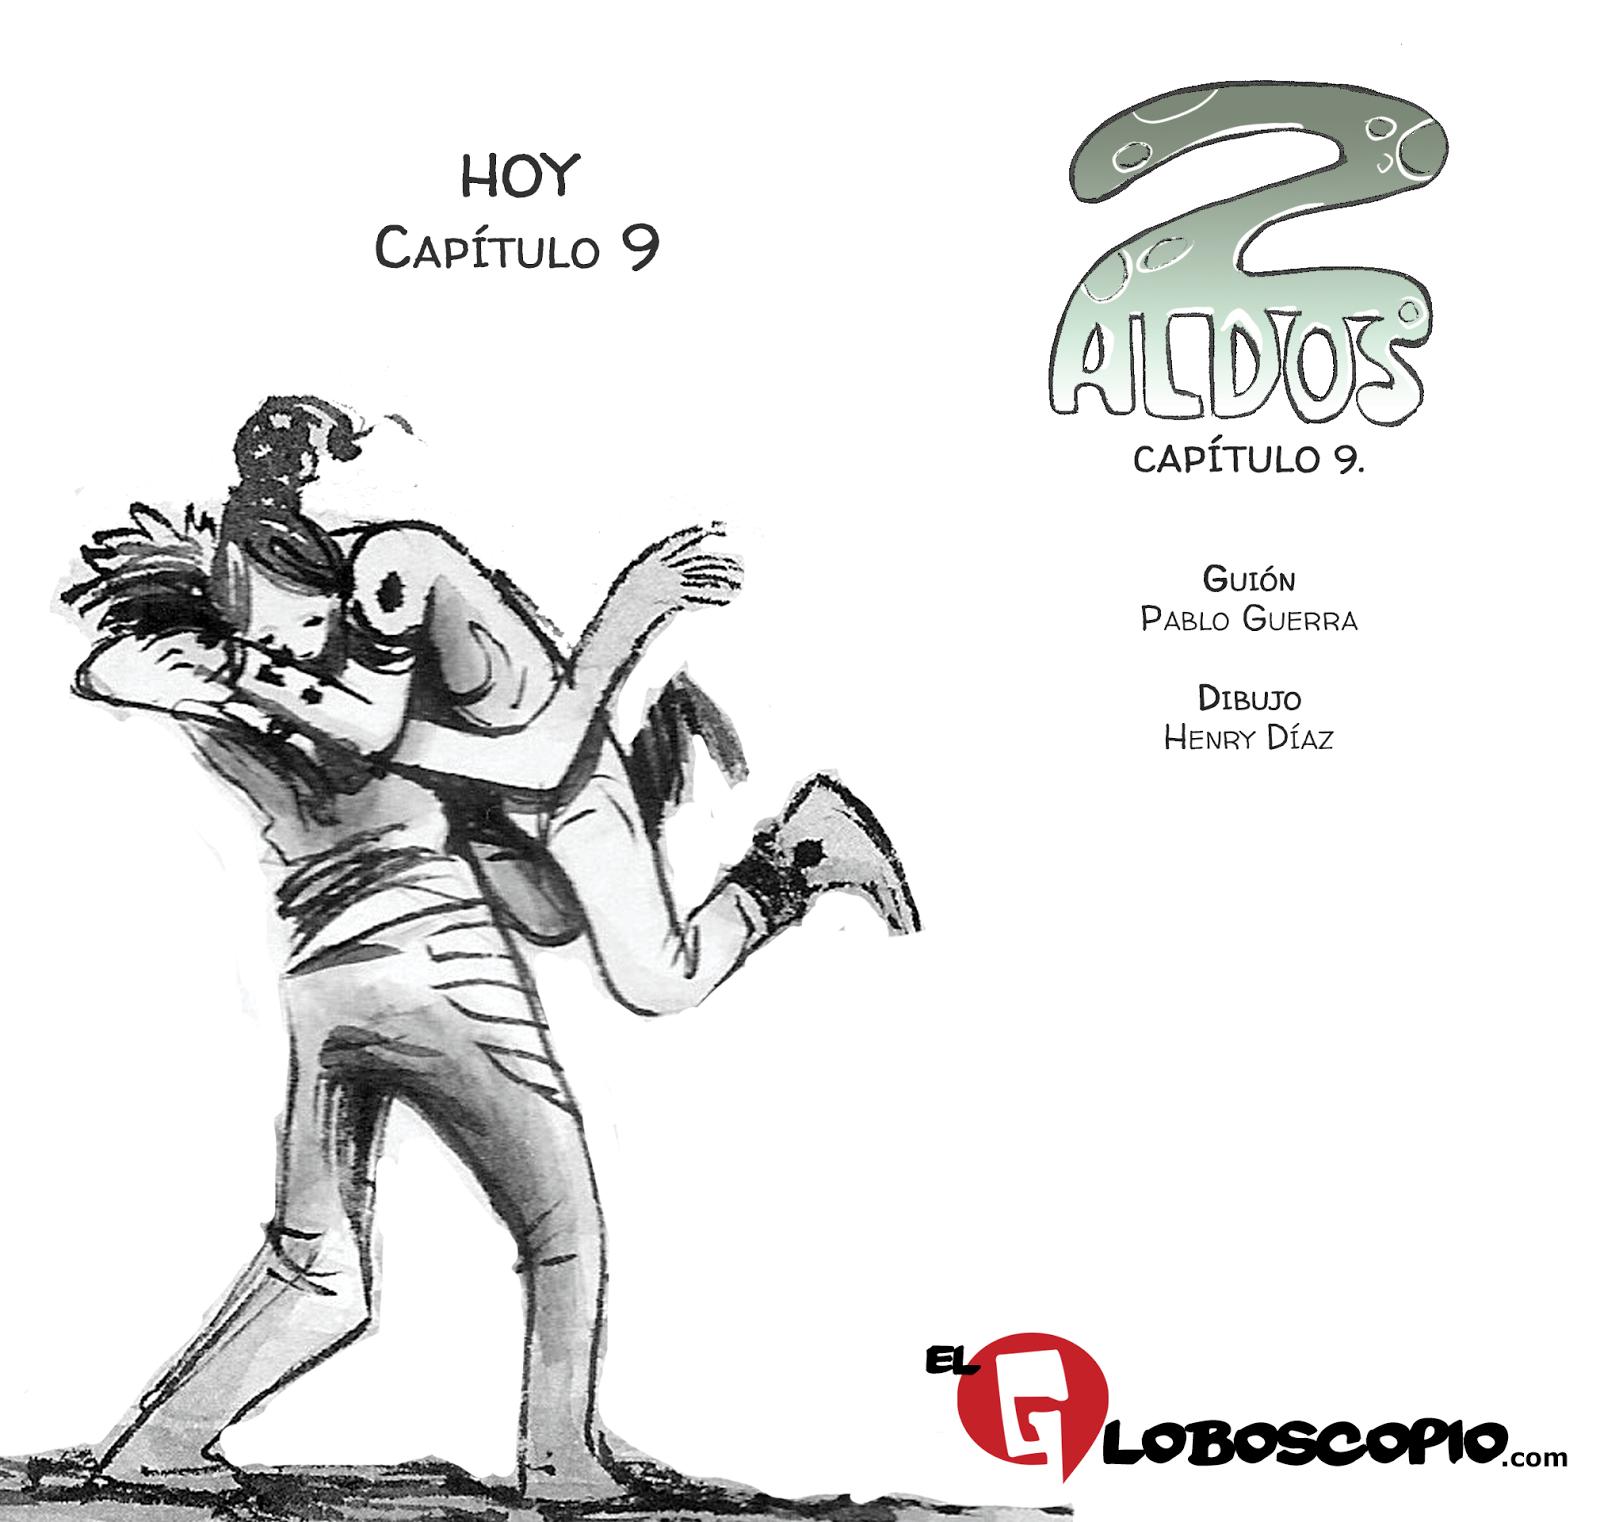 http://www.elgloboscopio.com/2015/04/dos-aldos-capitulo-9-de-pablo-guerra-y.html